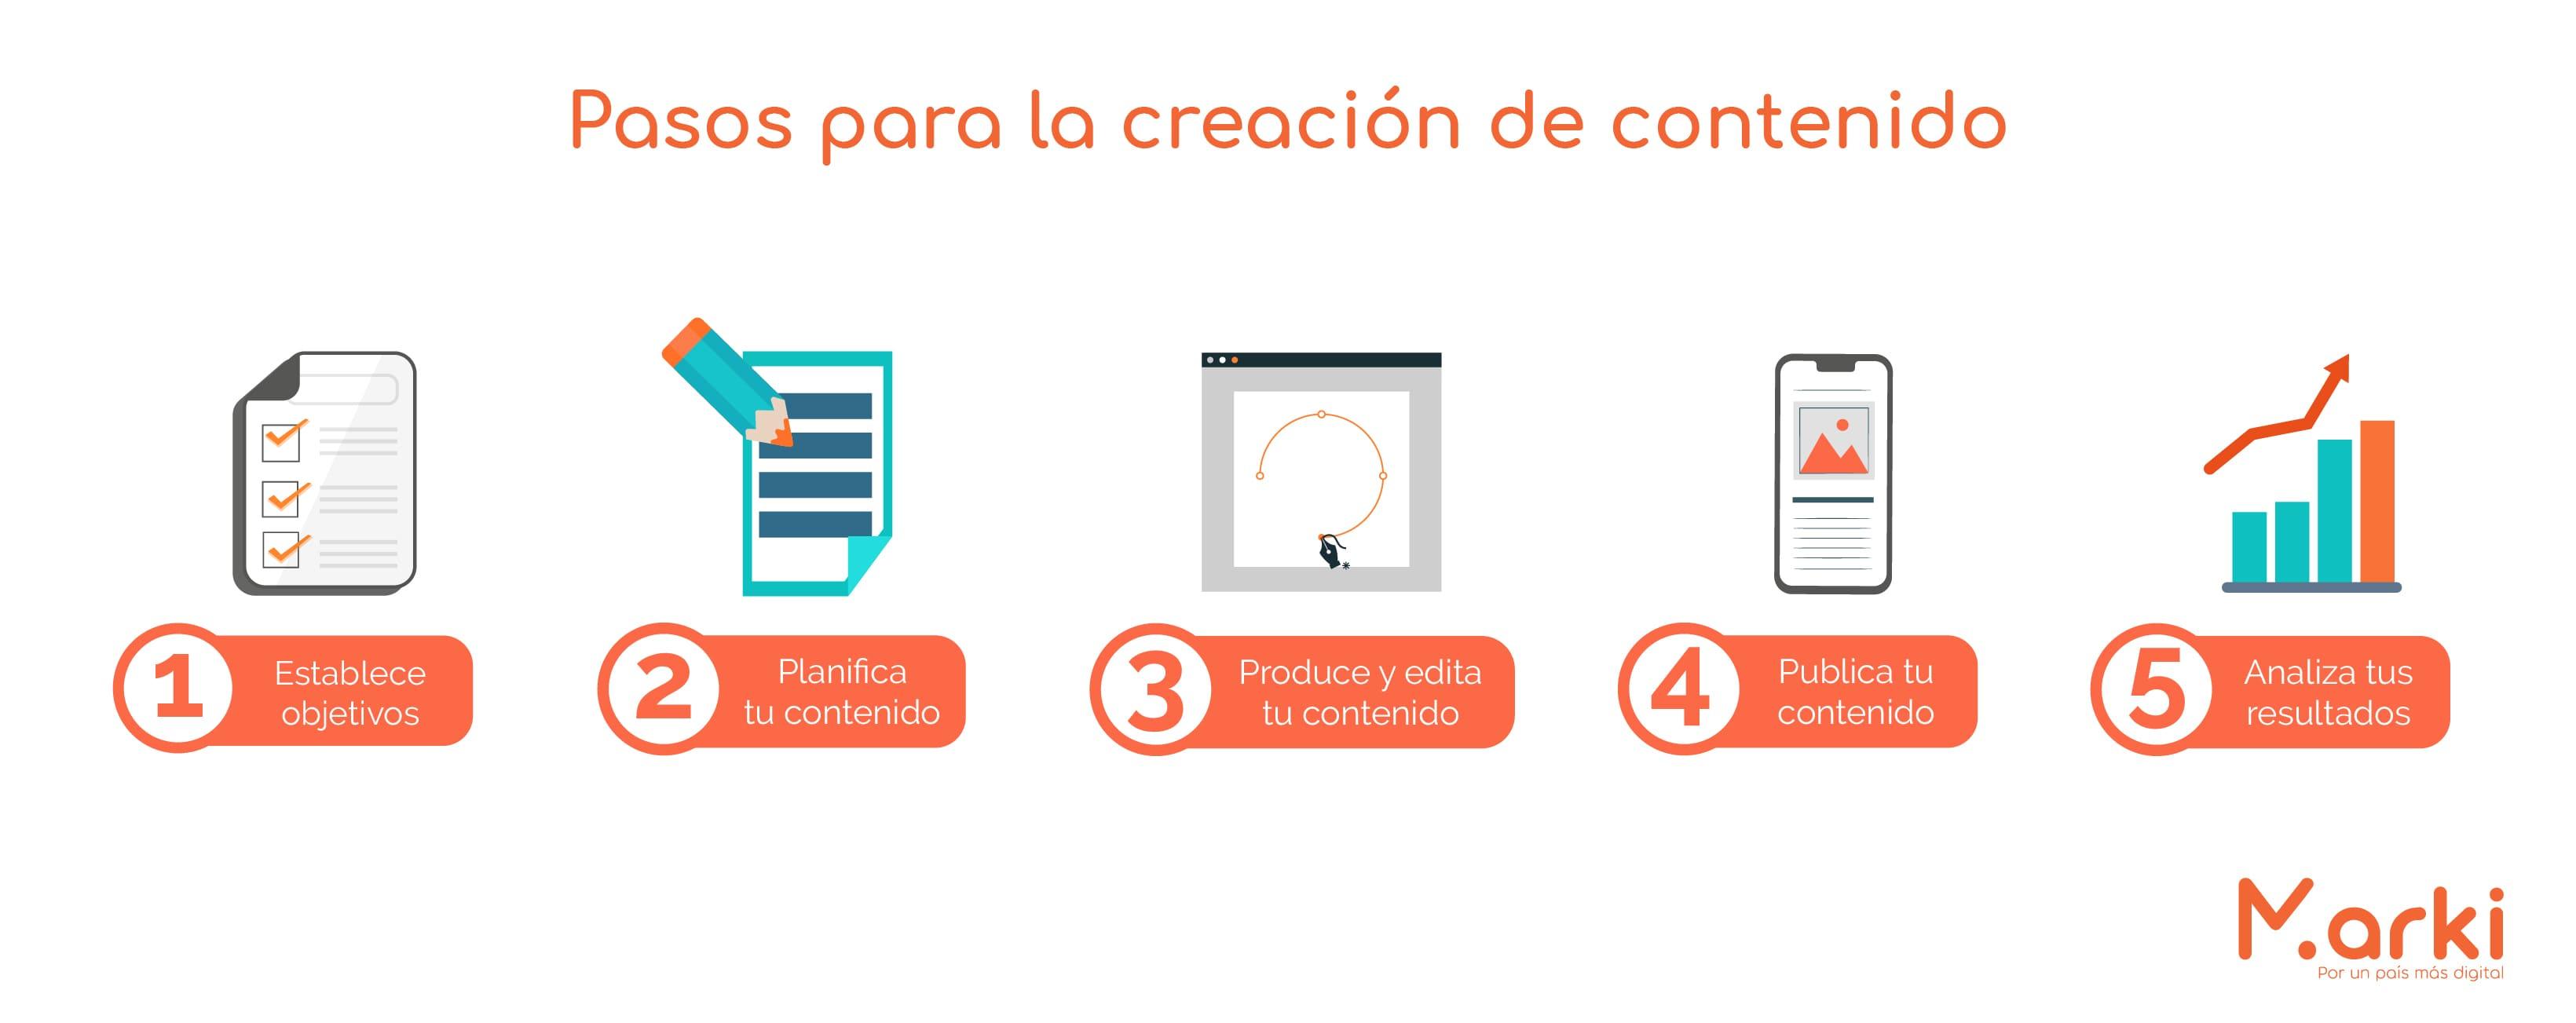 pasos para creacion de contenido que es la creación de contenido como crear contenido para redes sociales como crear contenido de calidad para redes sociales como crear un calendario para redes sociales como crear un contenido voluntariado peru Voluntariado online capacitacion de marketing digital voluntariado marki